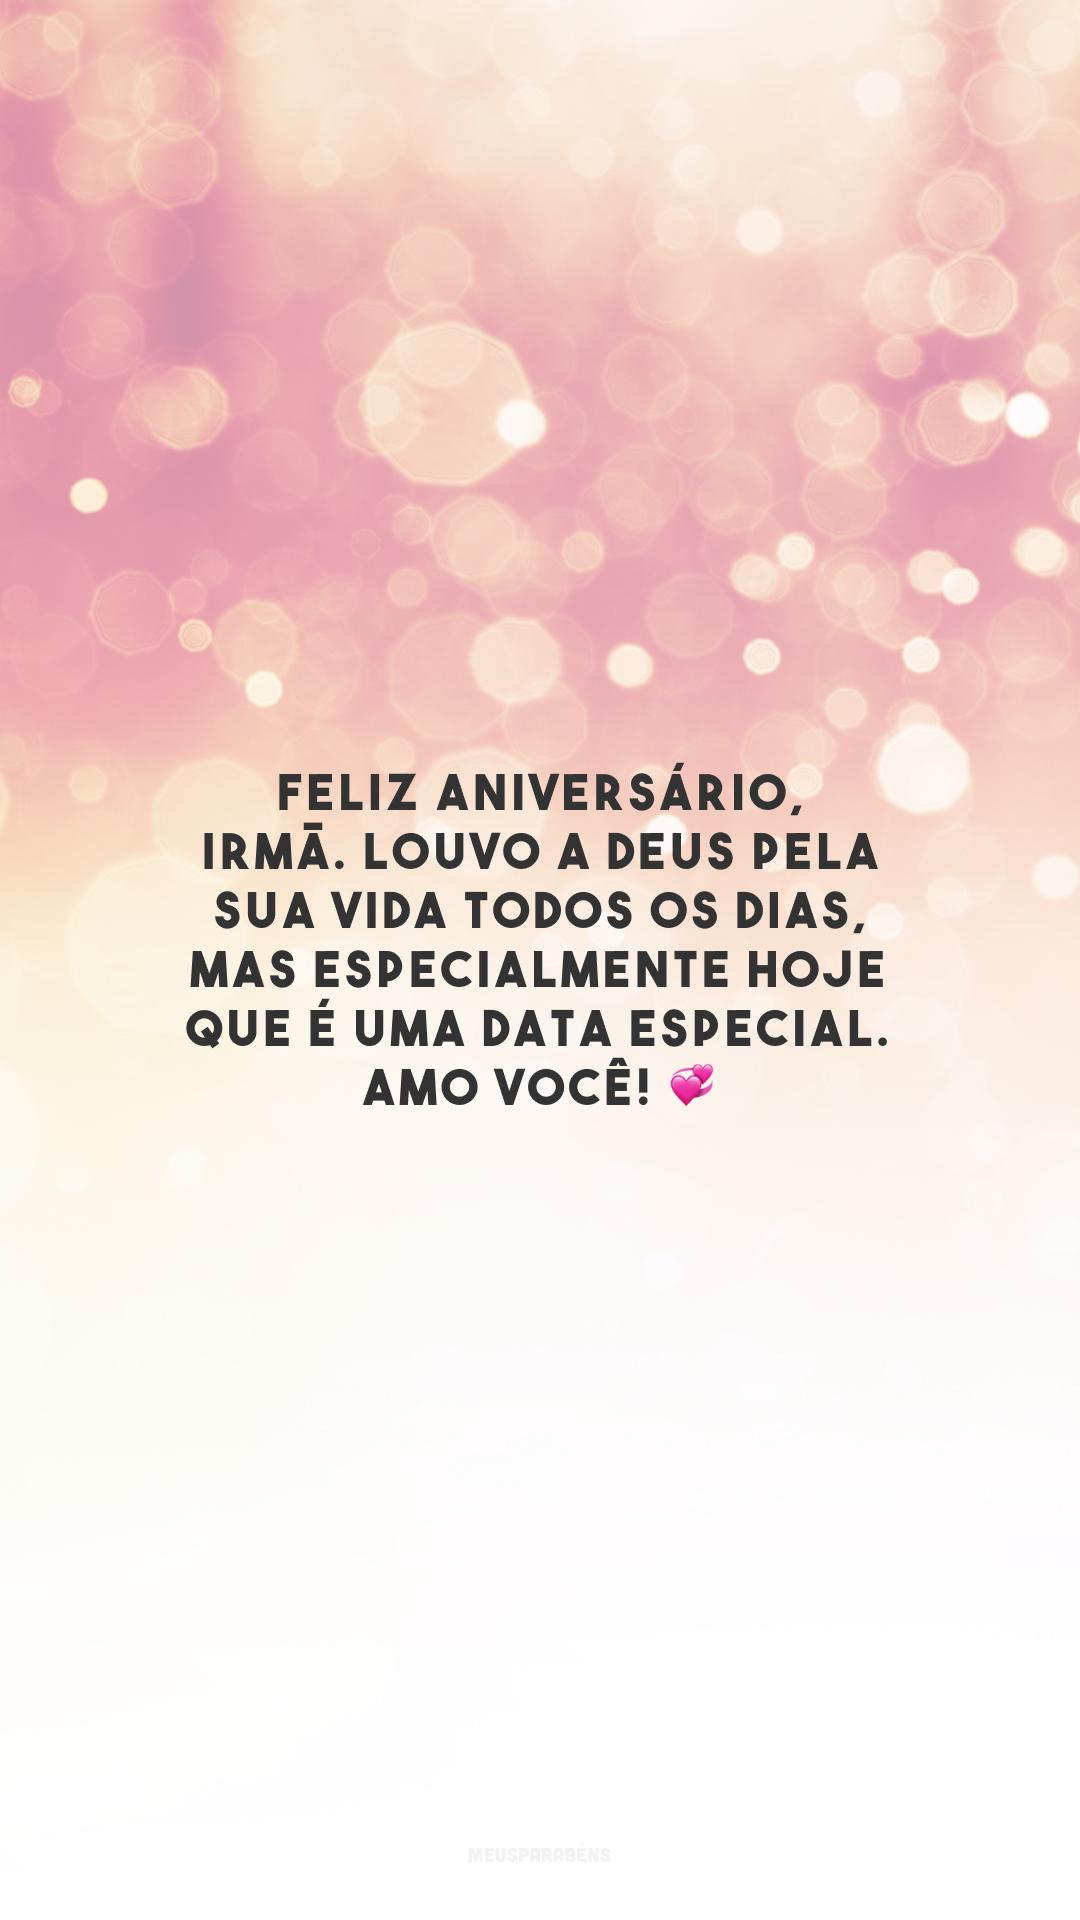 Feliz aniversário, irmã. Louvo a Deus pela sua vida todos os dias, mas especialmente hoje que é uma data especial. Amo você! 💞